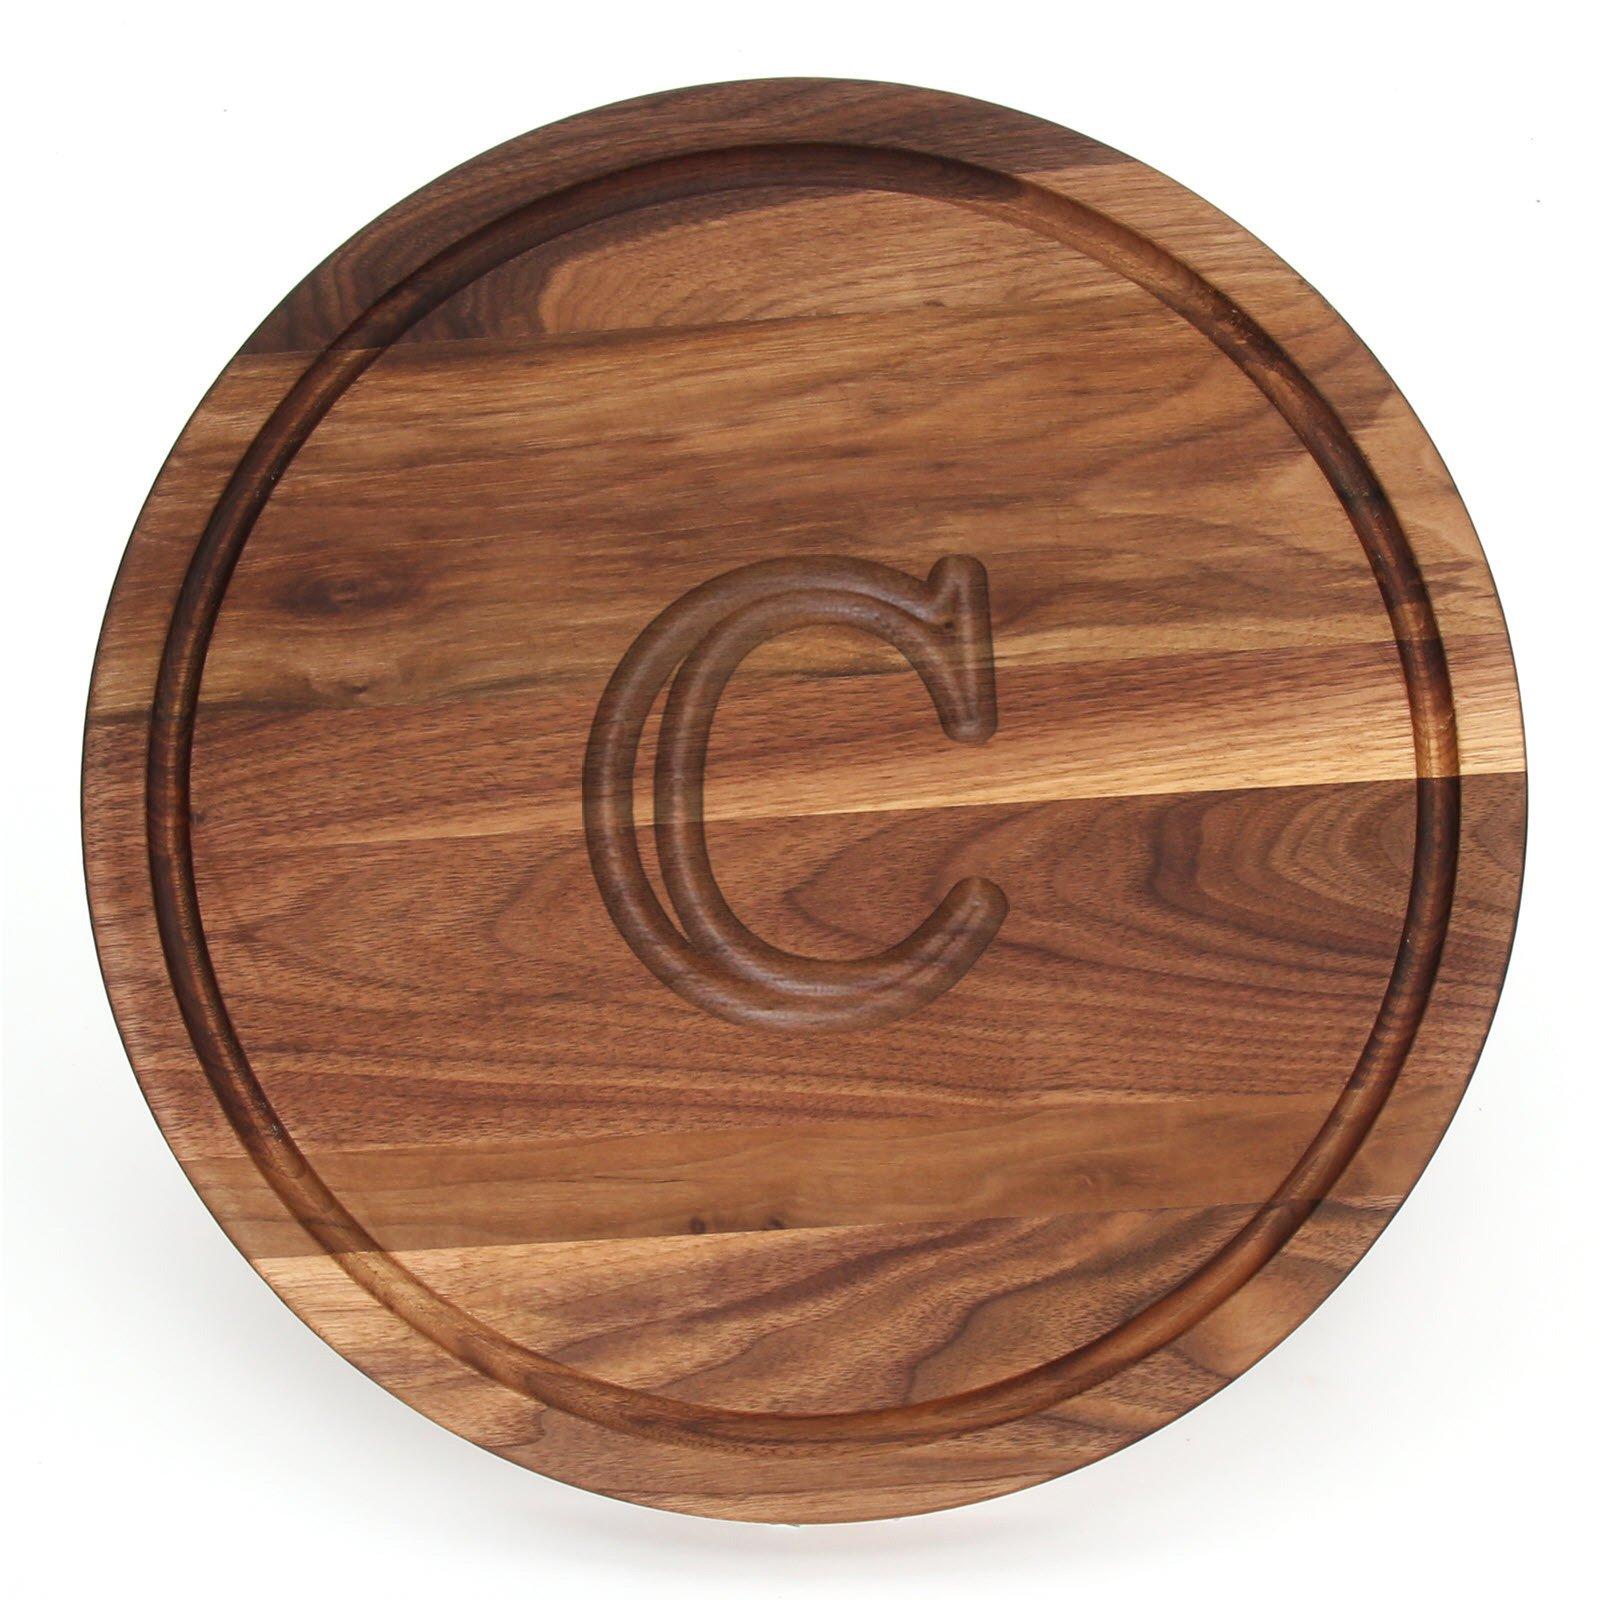 BigWood Boards W110-C Cutting Board, Monogrammed Cutting Board, Medium Round Cheese Board, Thick Walnut Wood Serving Tray, ''C'' by BigWood Boards